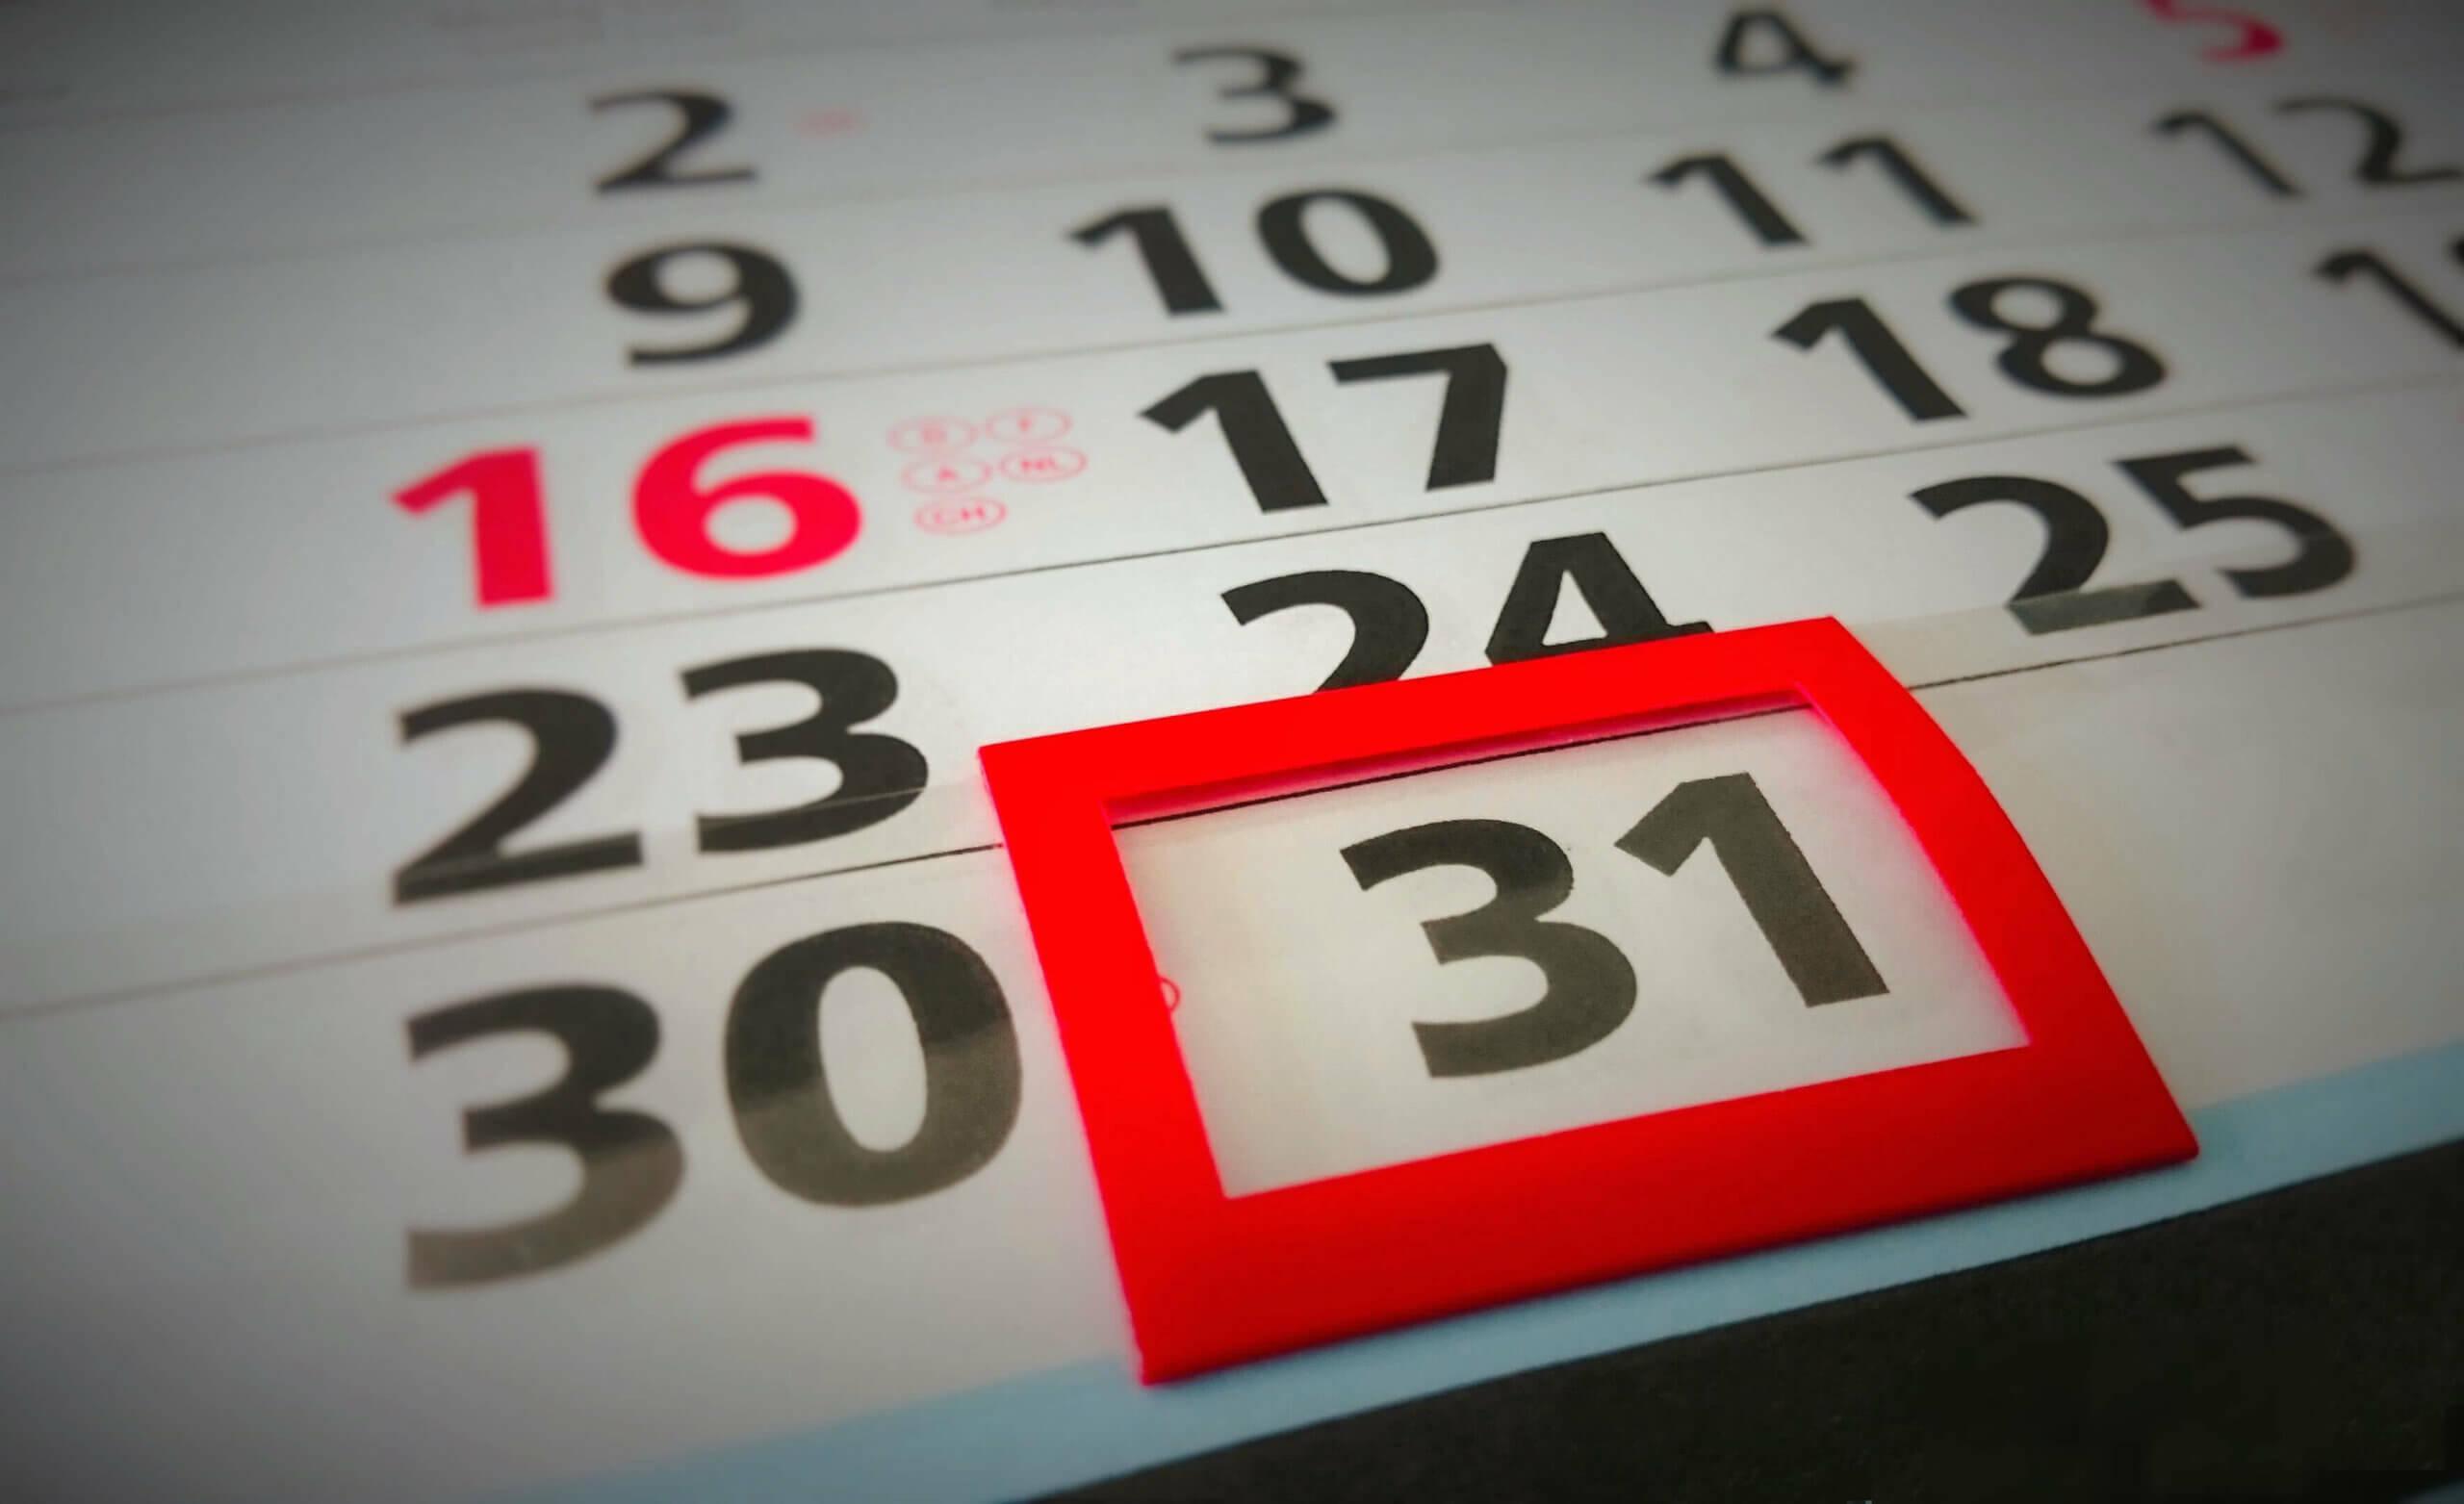 Steuererklärung 2015: Abgabefrist endet am 31. Mai 2015